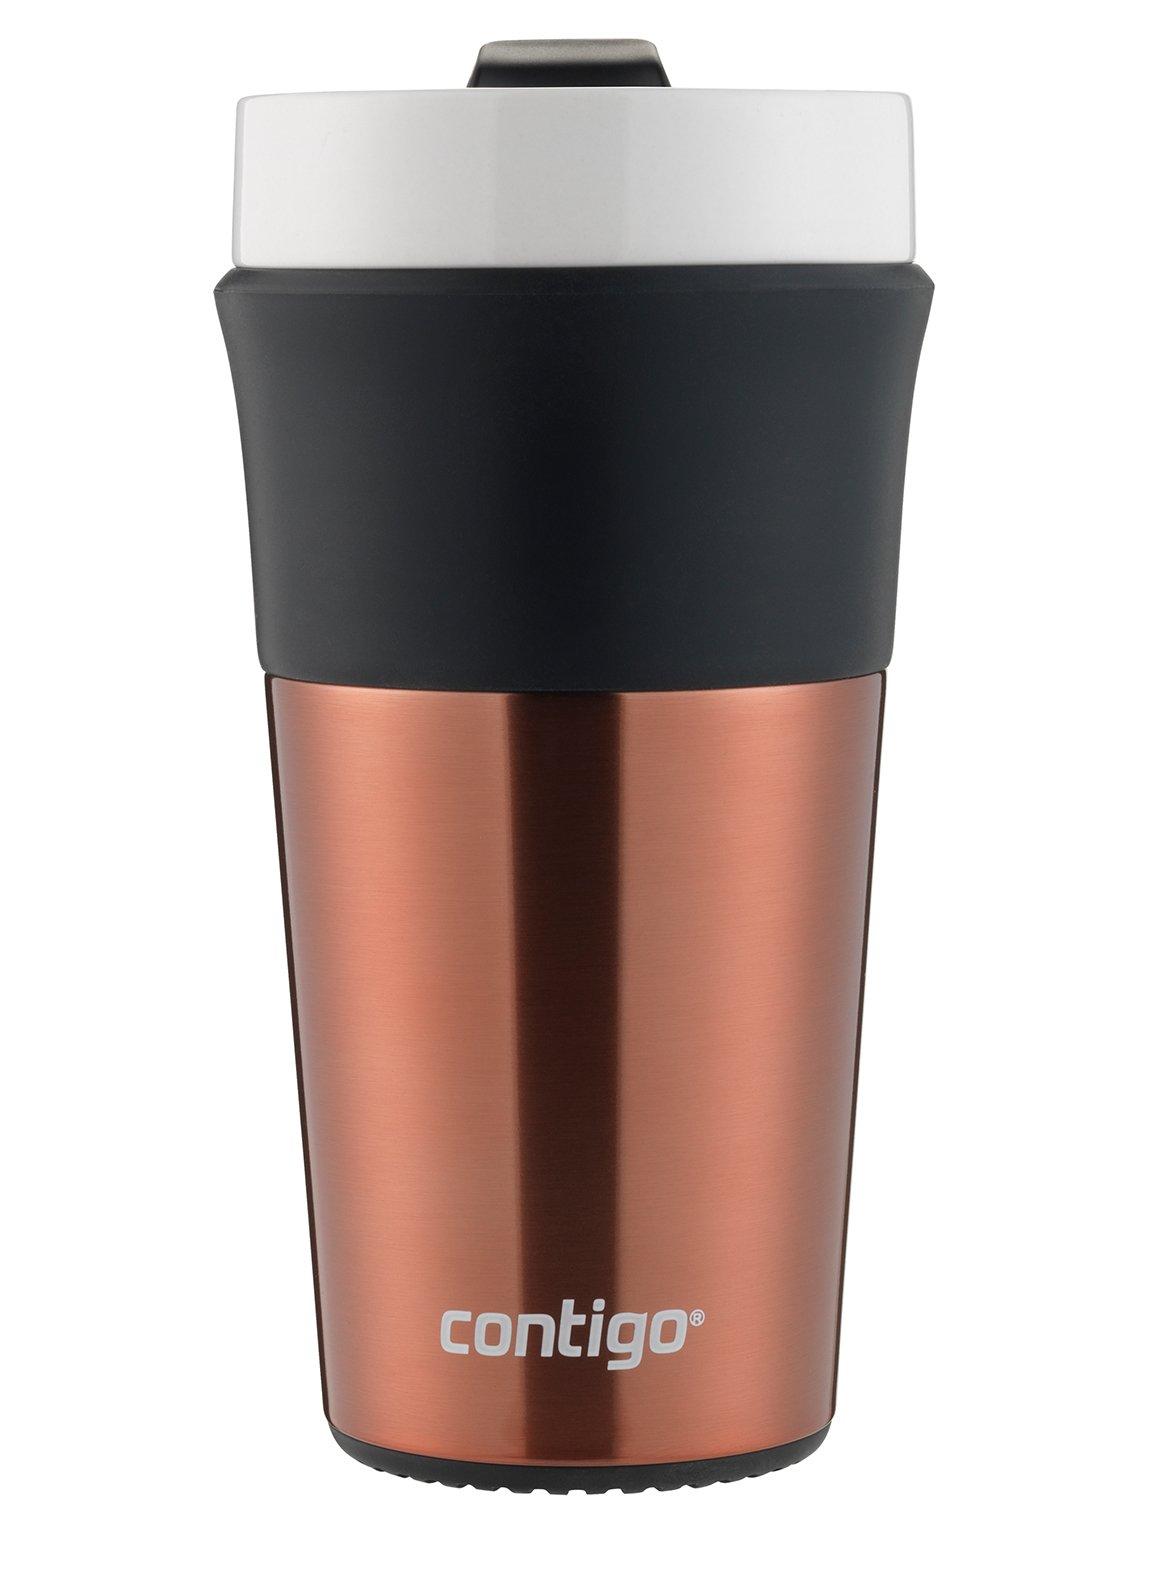 Contigo Knox Insulated Ceramic Travel Mug, 12oz, Copper